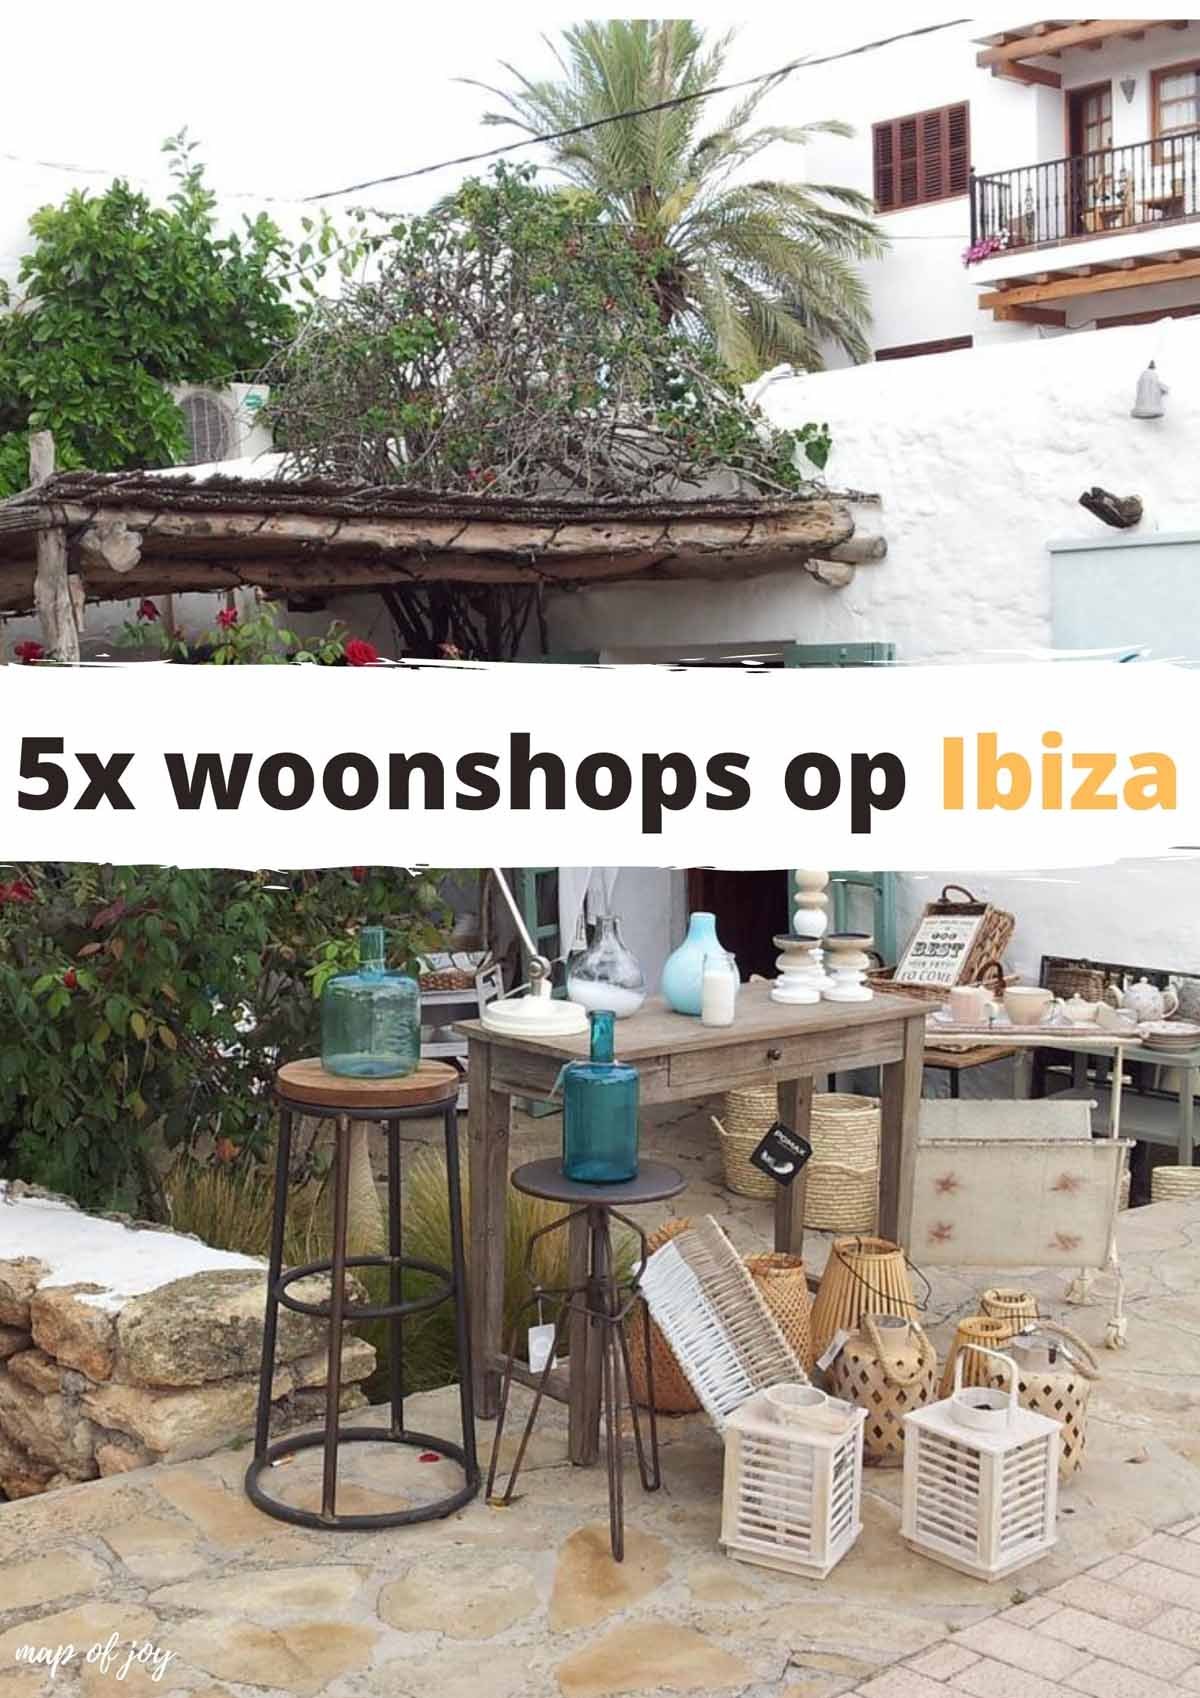 5x woonshops op Ibiza